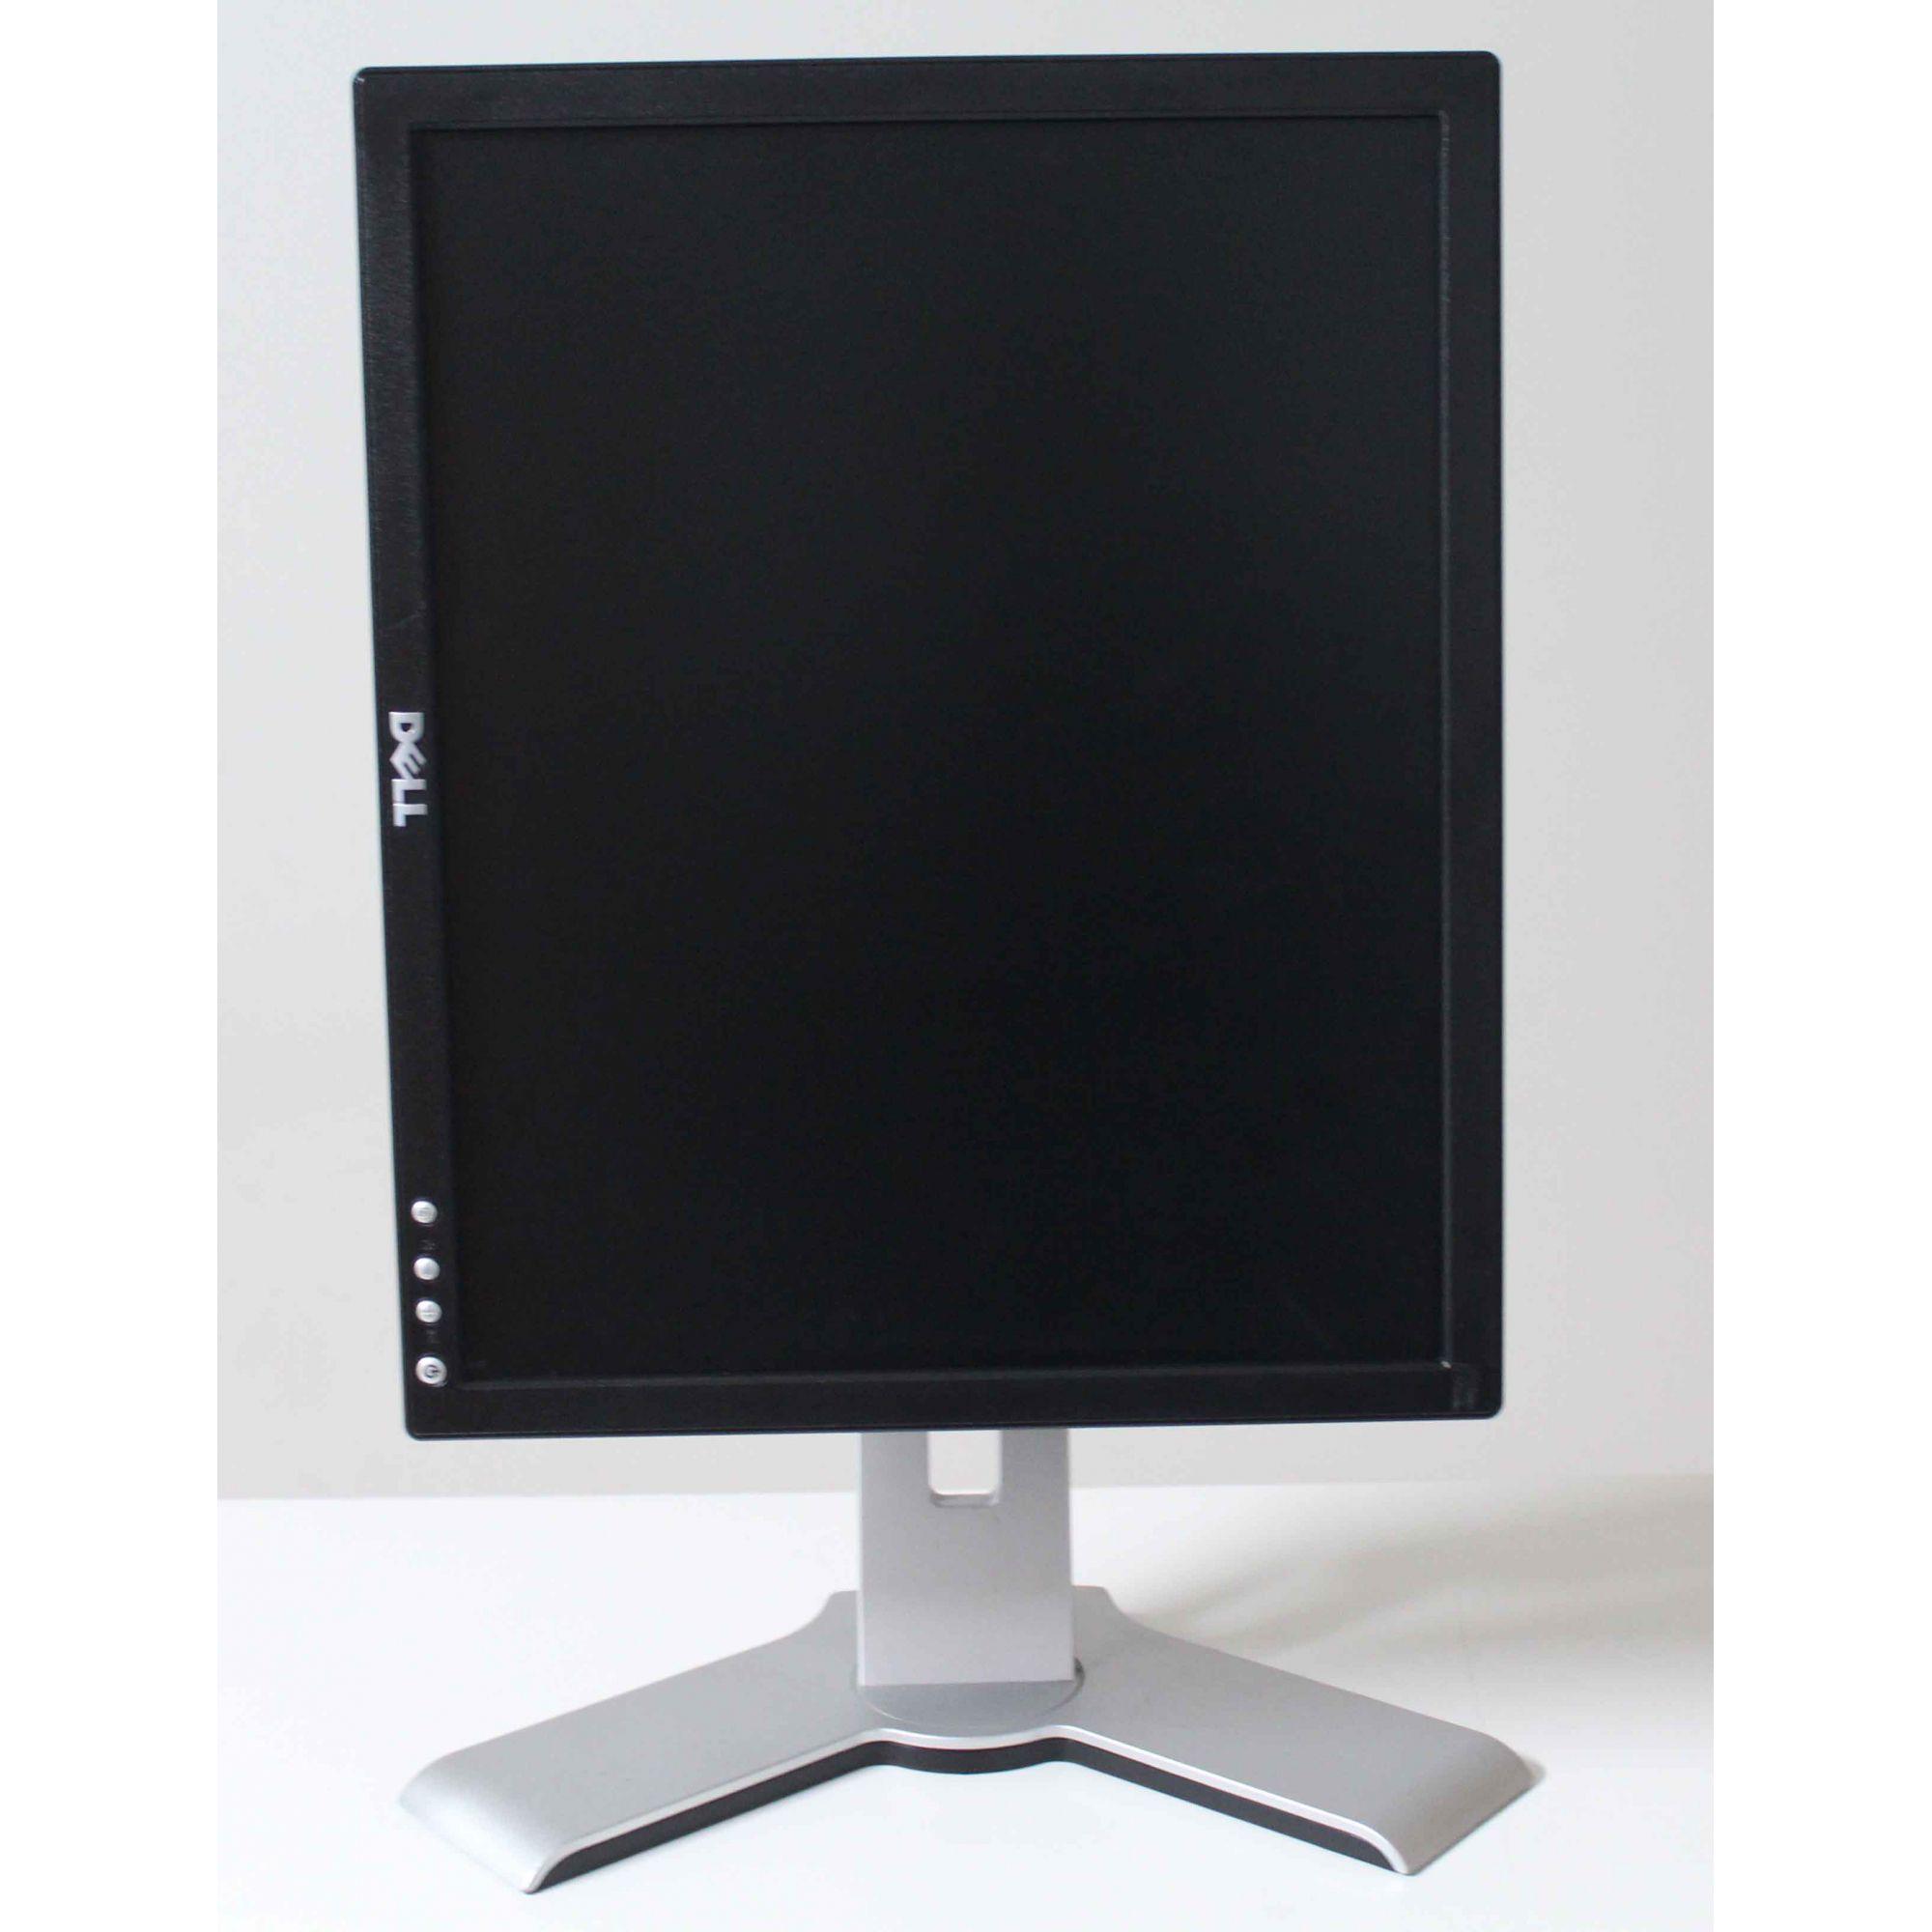 Monitor Dell E178FPC 17 Polegadas LCD